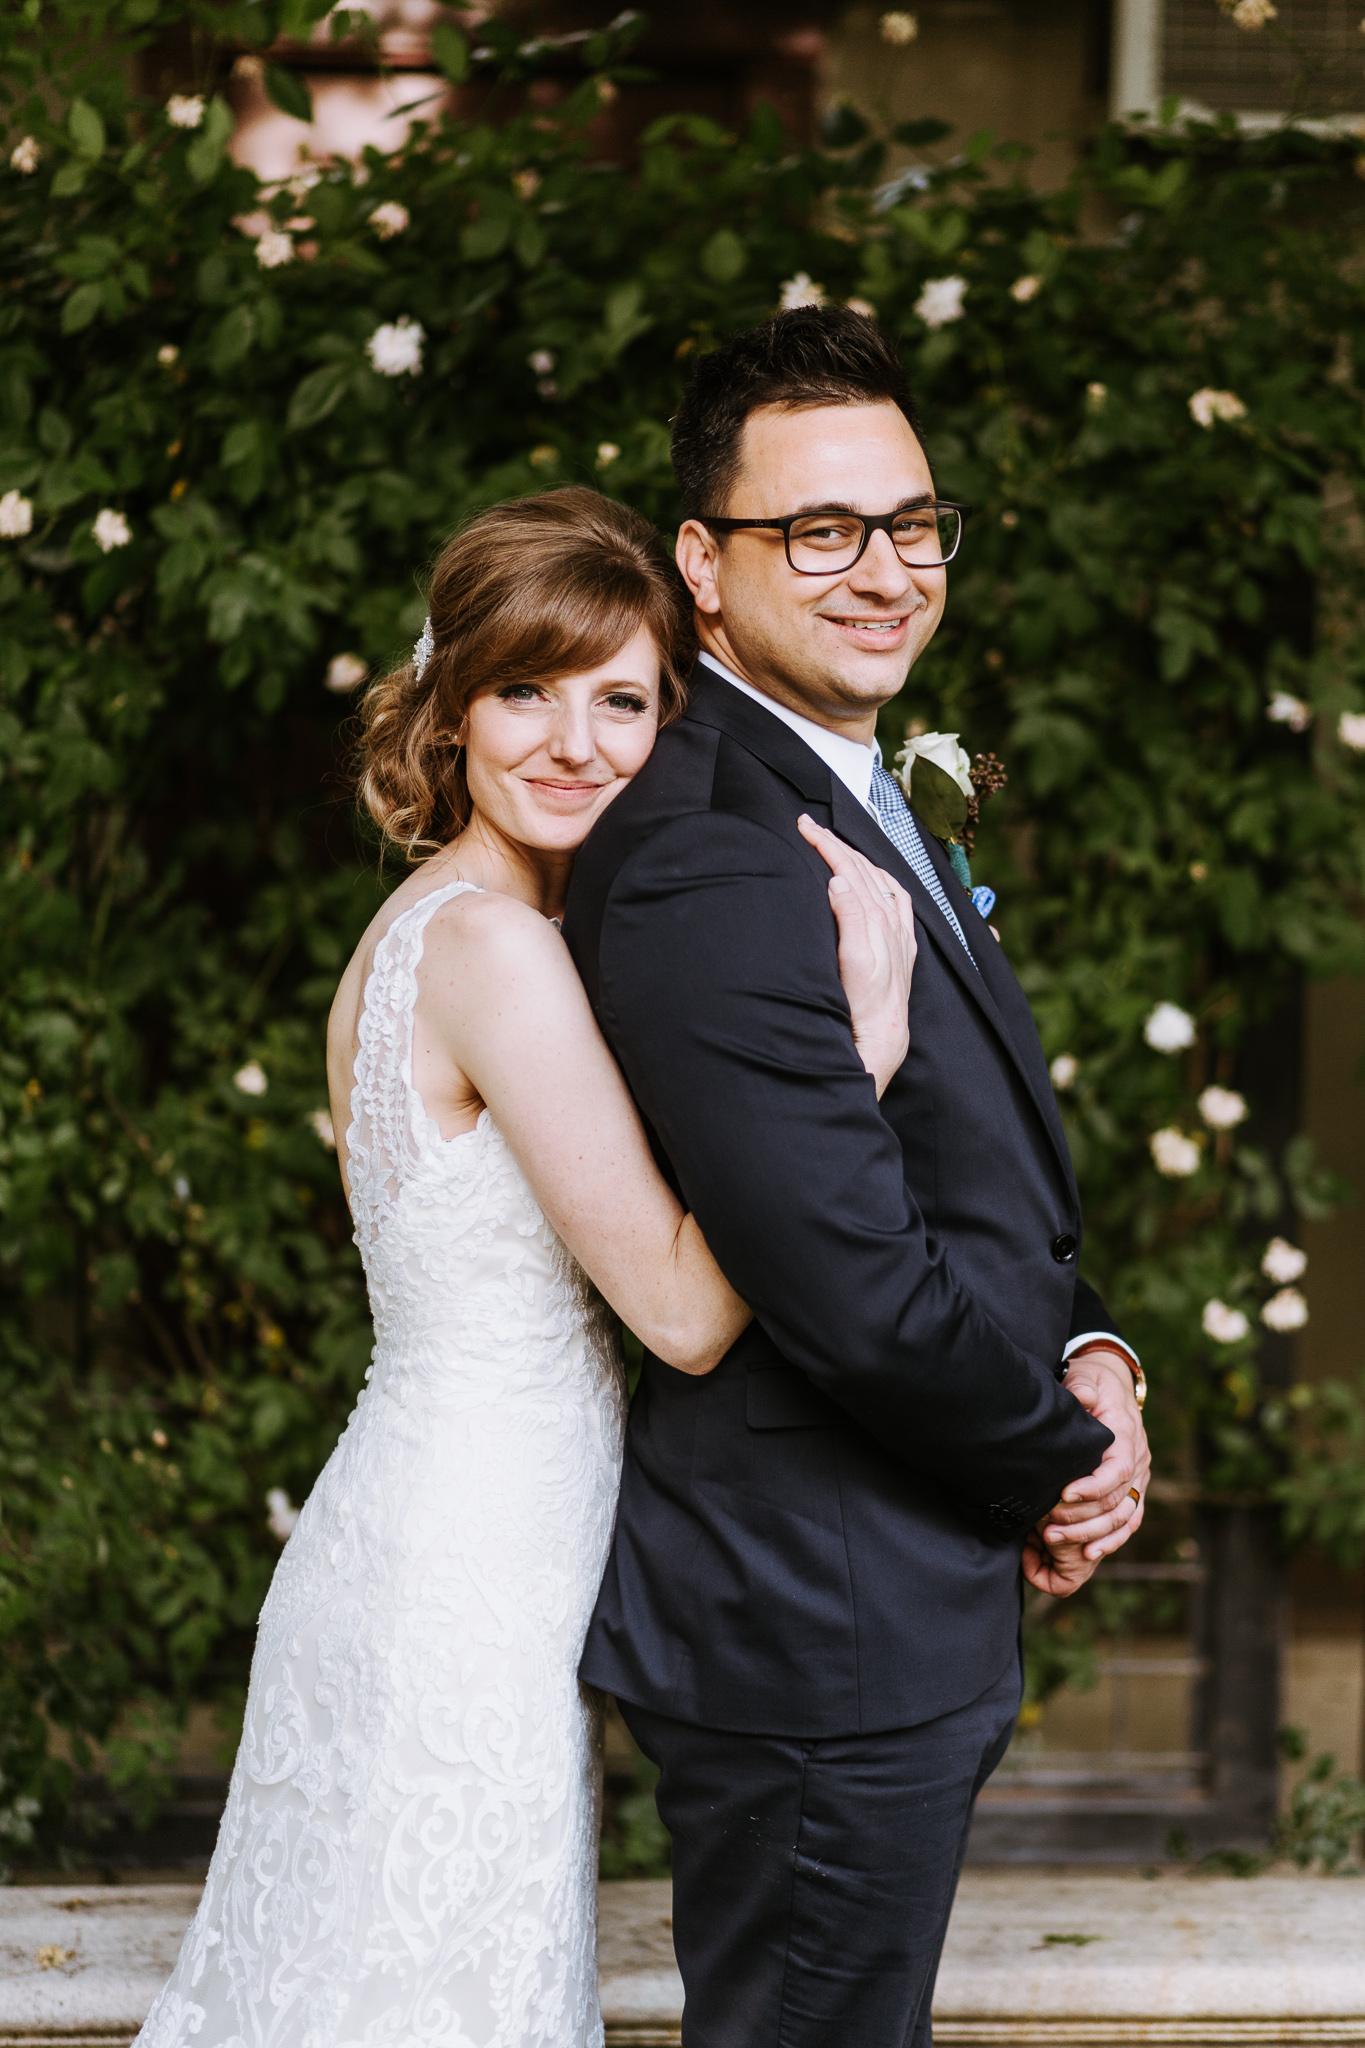 BayArea-Wedding-Photographer-54.jpg